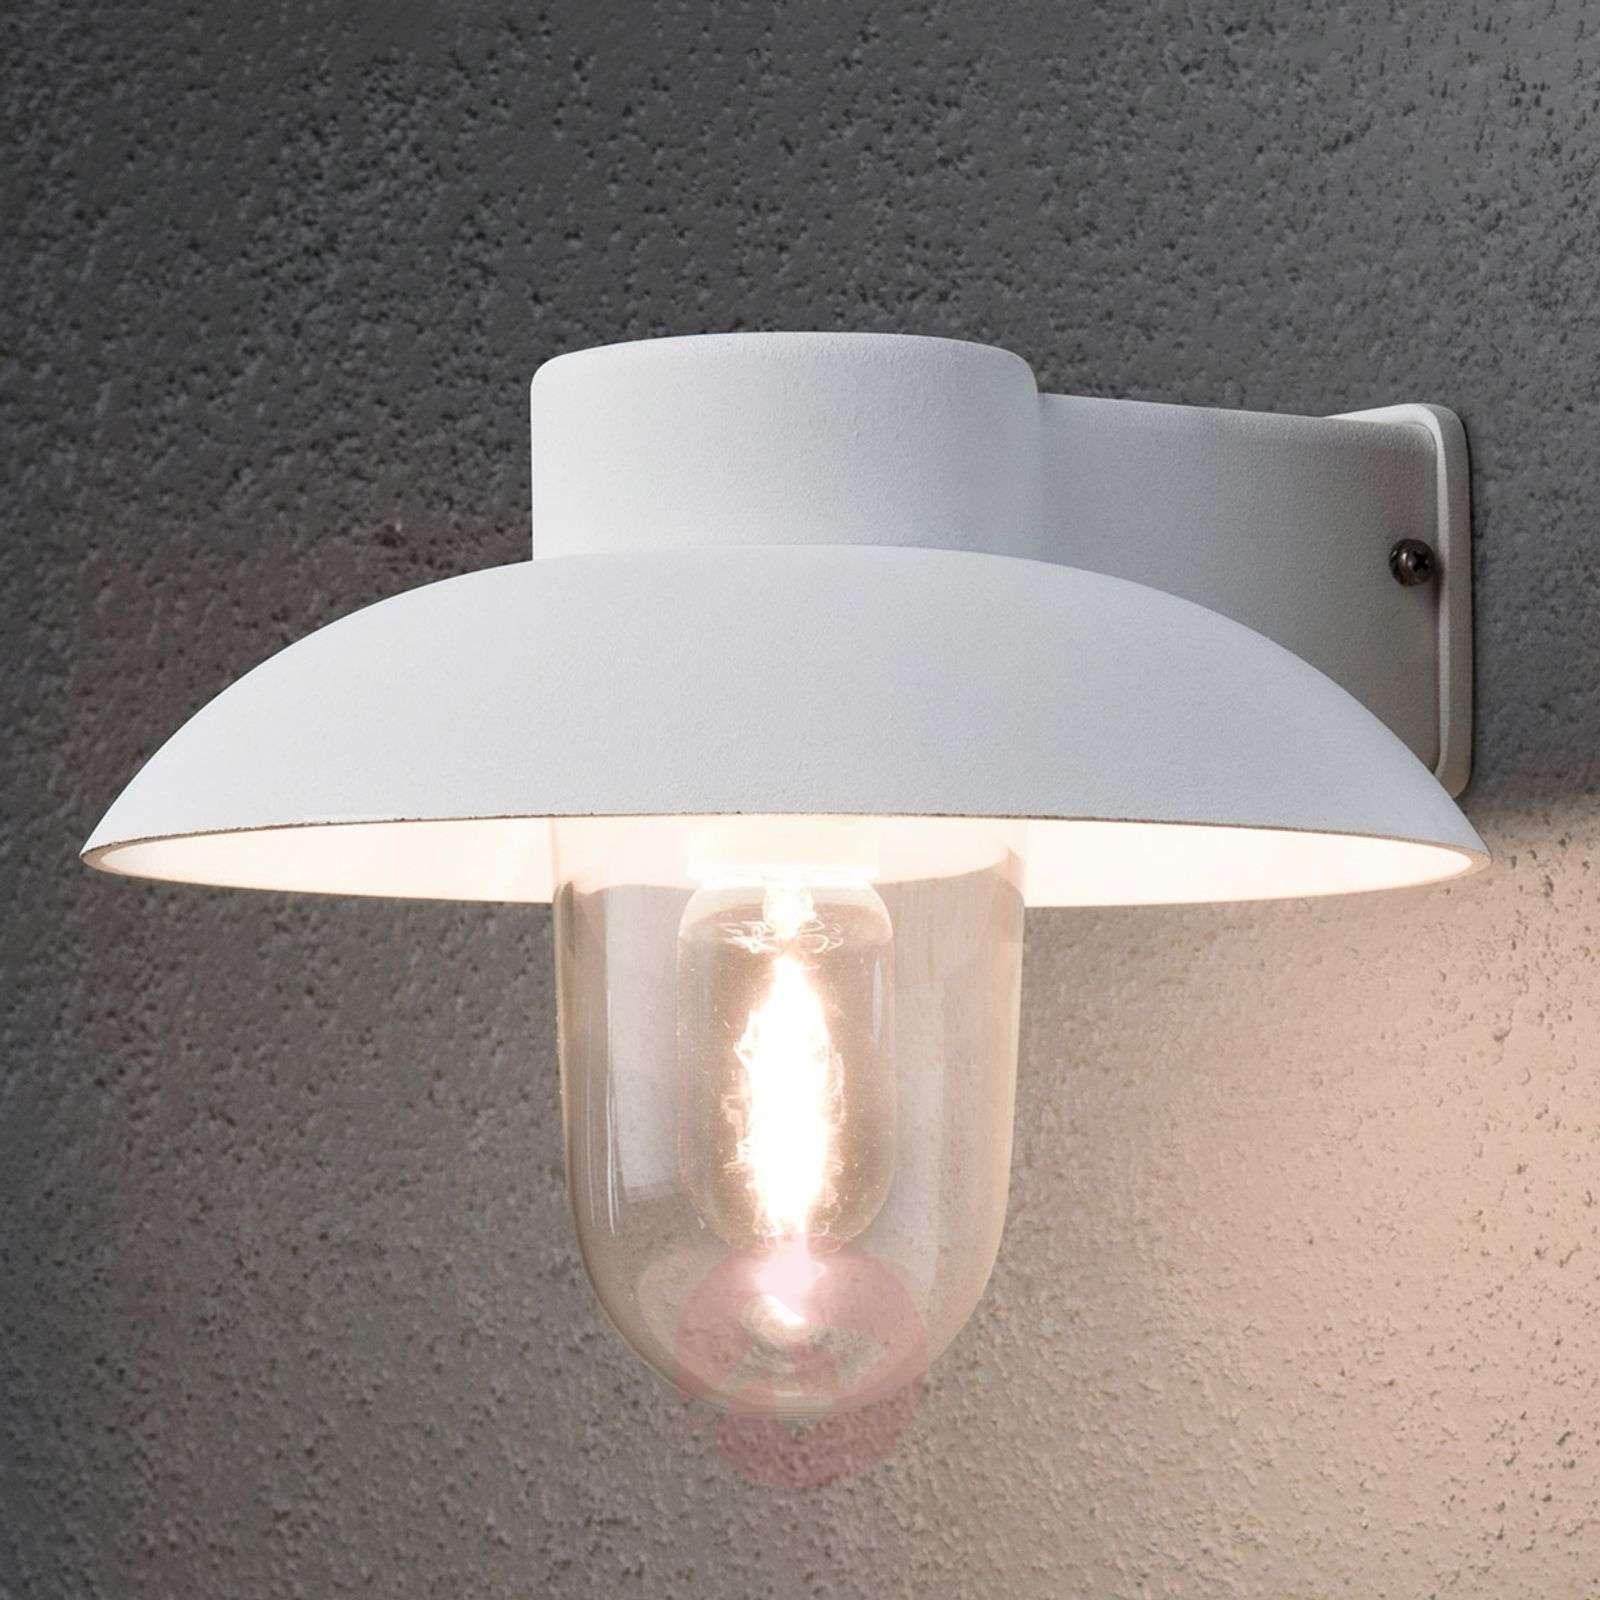 oświetlenie zewnętrzne led podbitka | domu oświetlenie